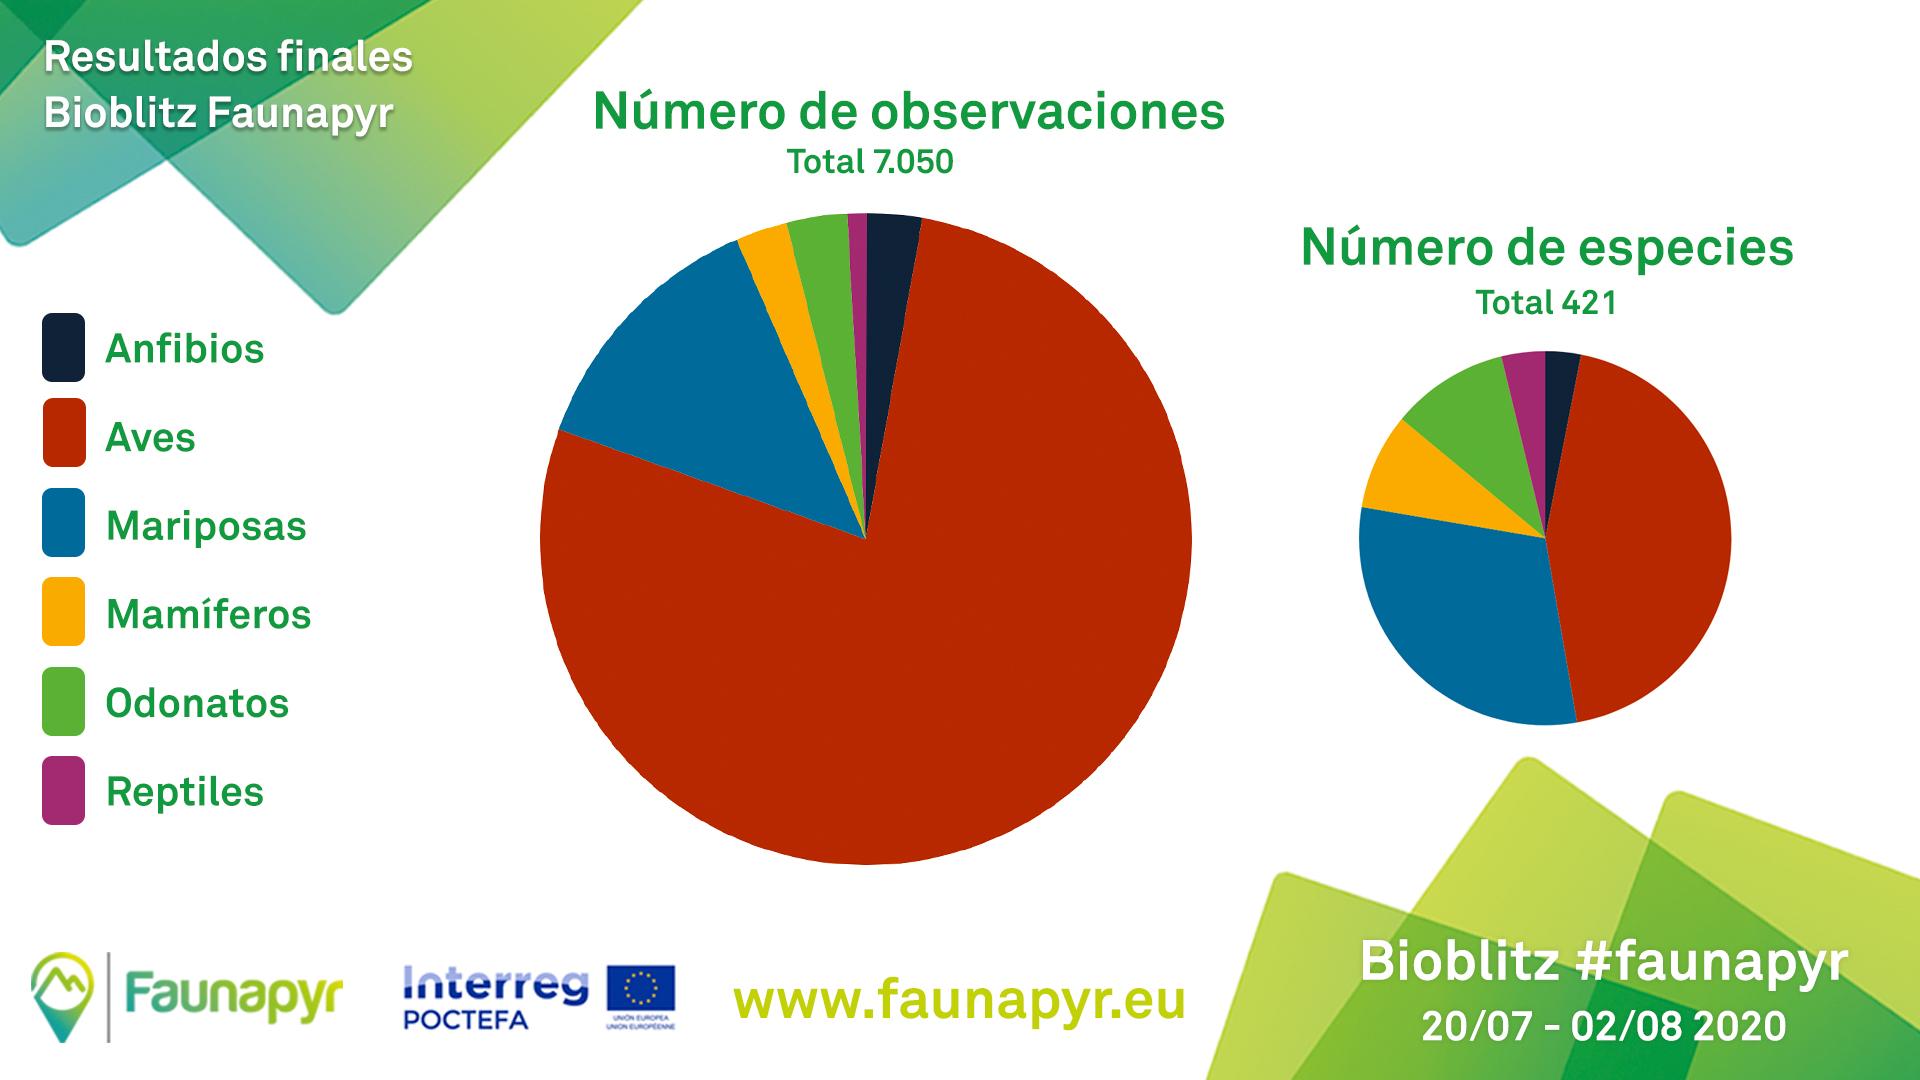 http://files.biolovision.net/www.ornitho.eus/userfiles/ESP-Graficos-Resultados-Bioblitz.jpg